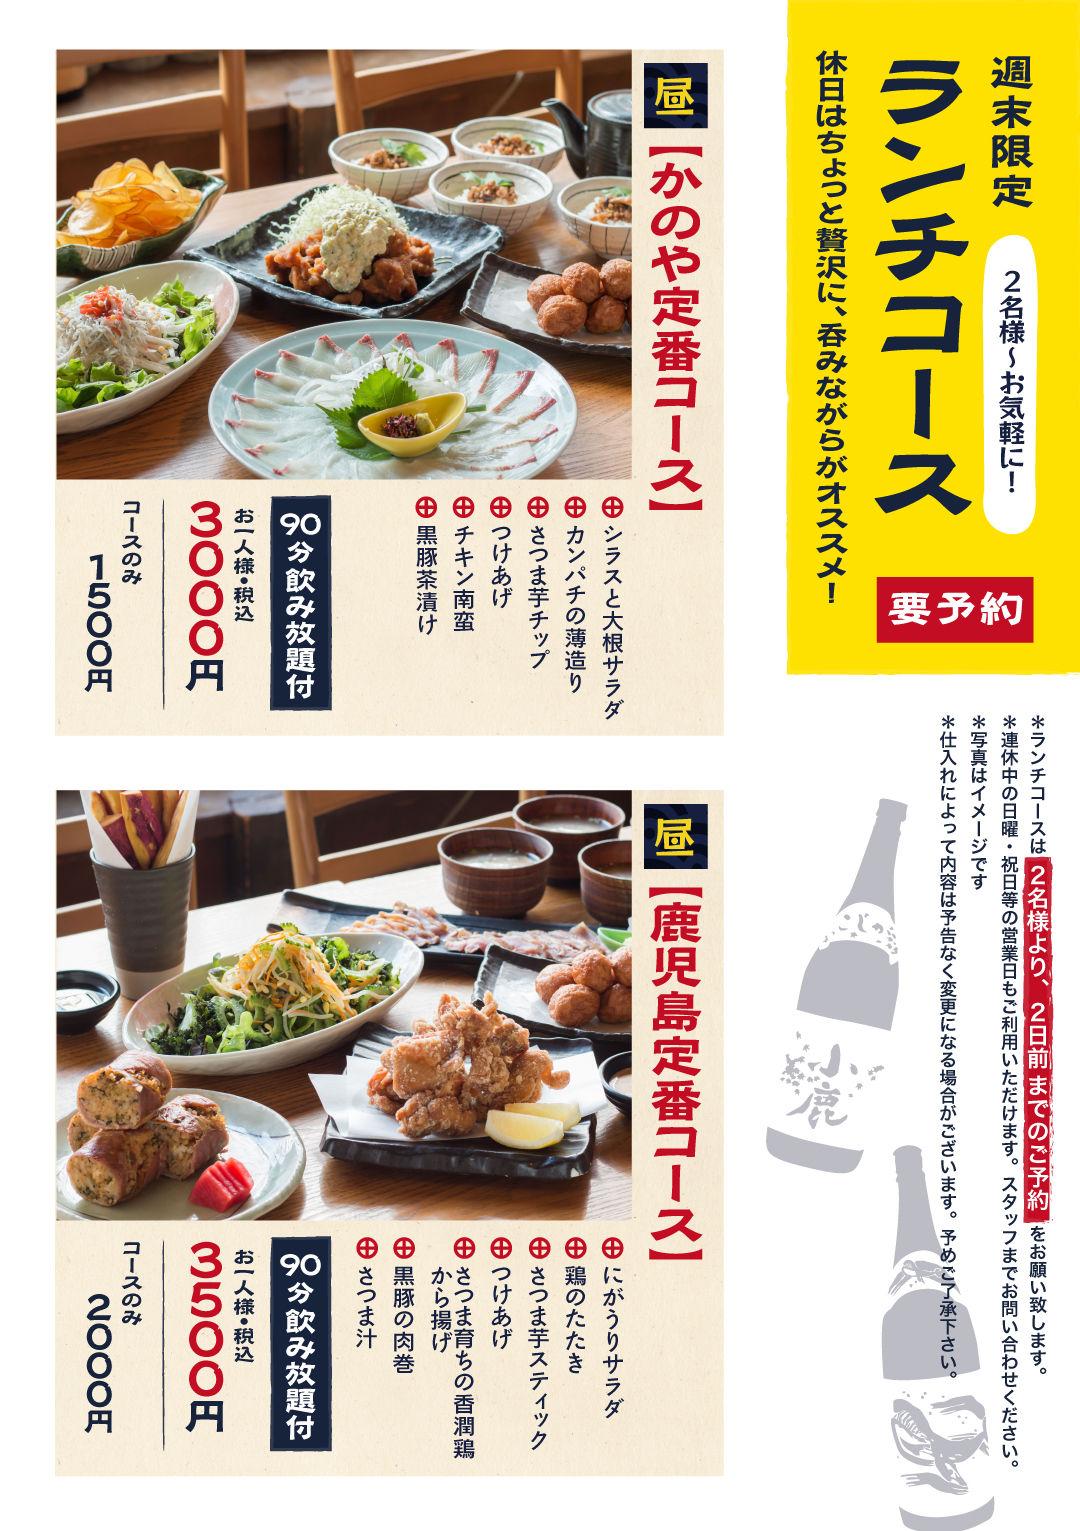 kanoya_1903_lunchcourse.jpg